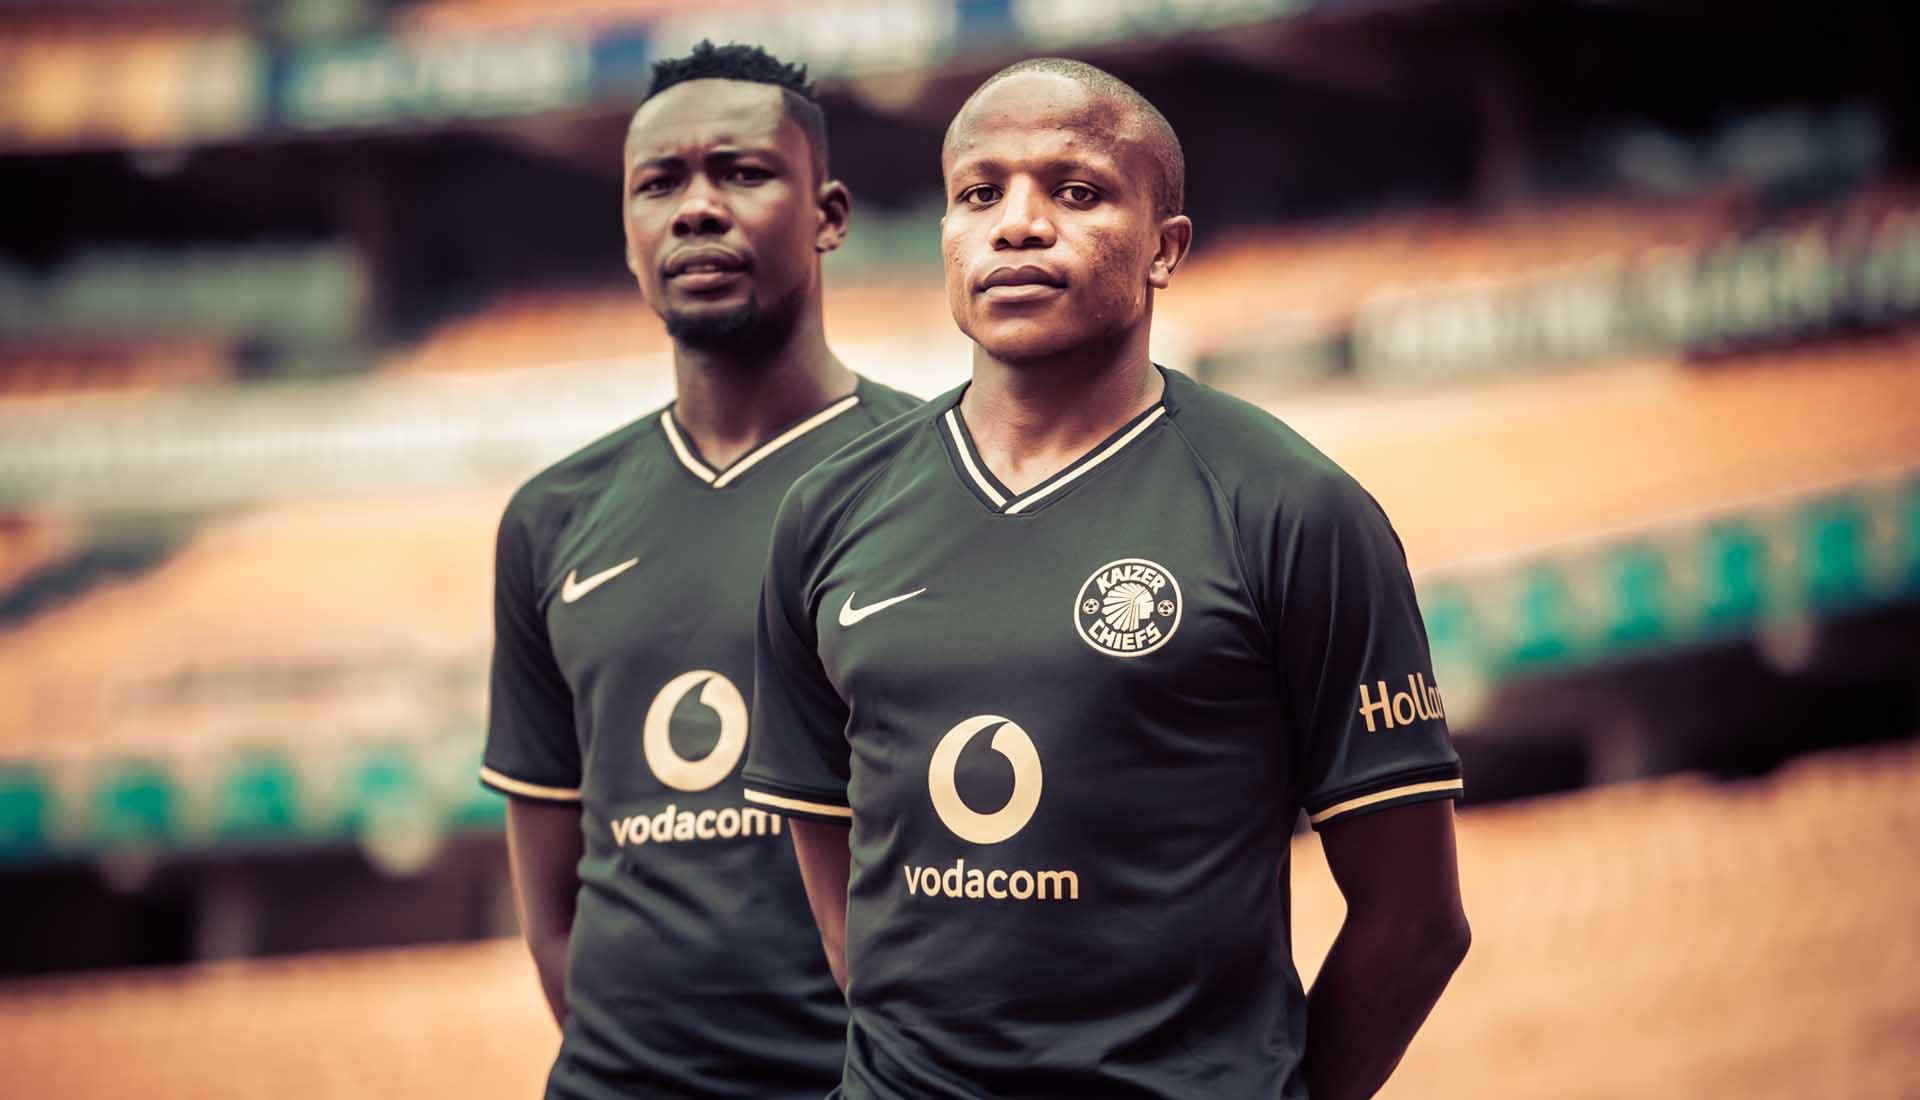 Кайзер Чифс, стиль, высшая лига ЮАР, игровая форма